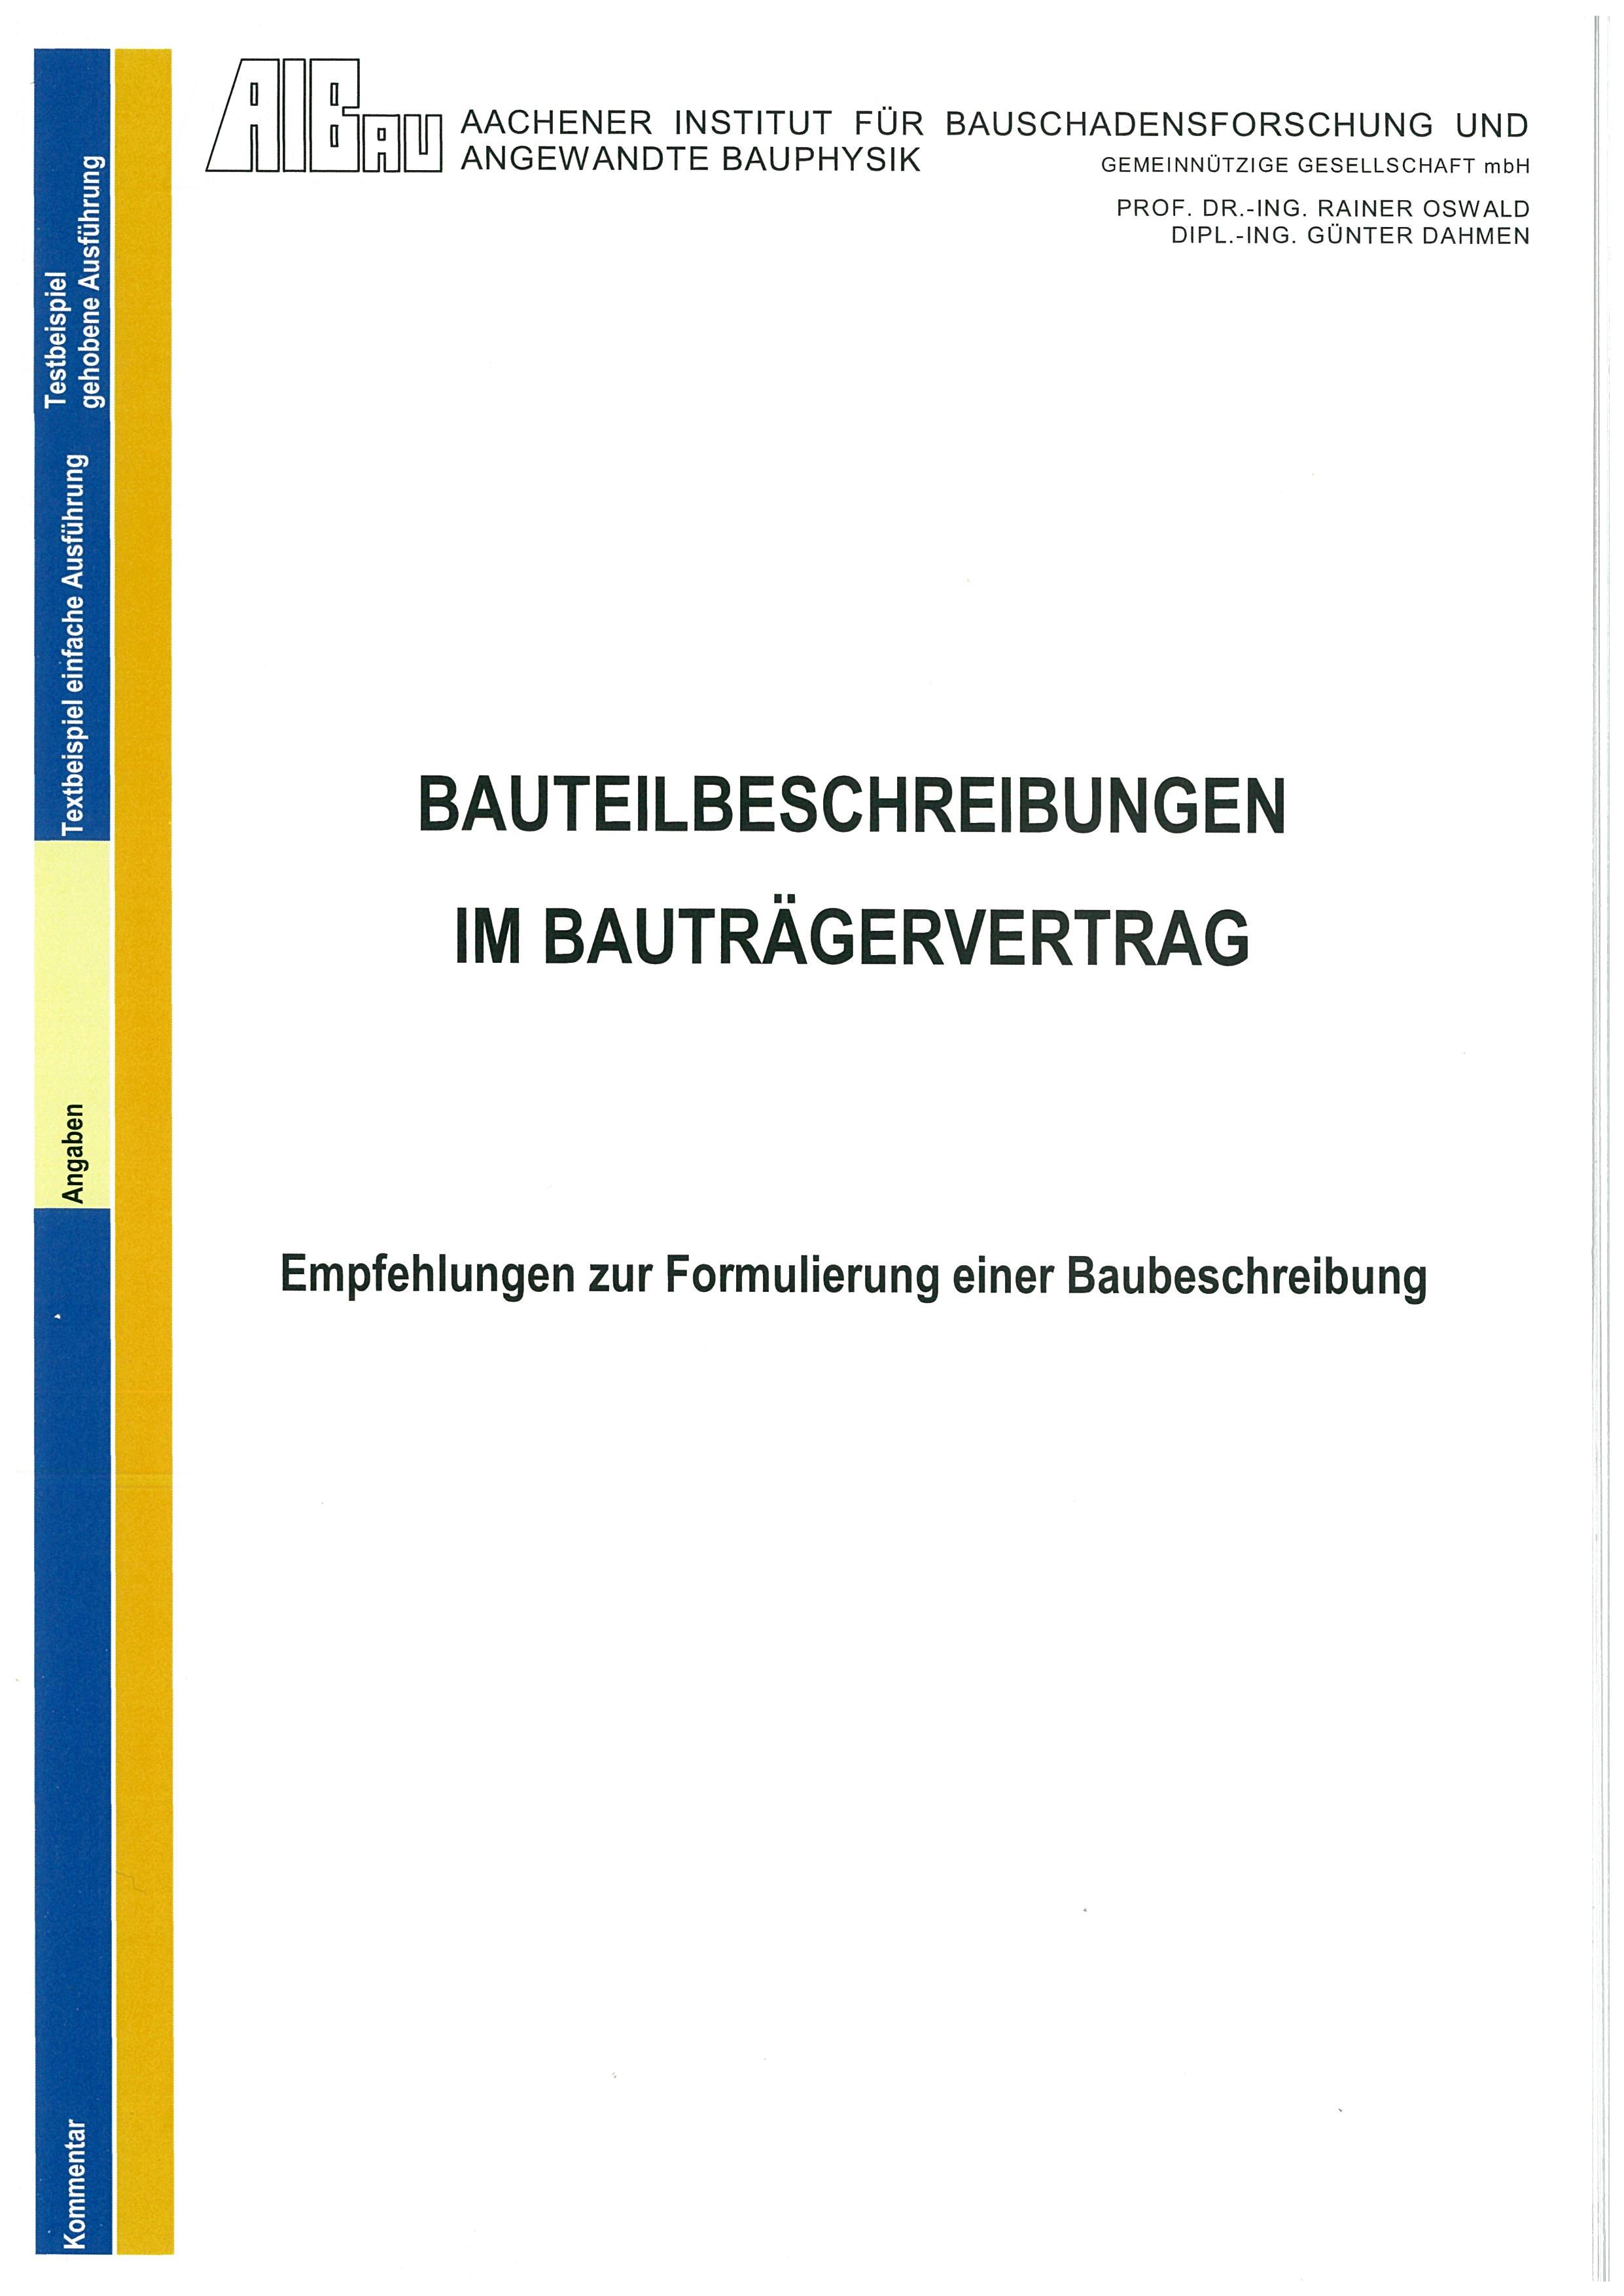 Bauteilbeschreibung im Bauträgervertrag